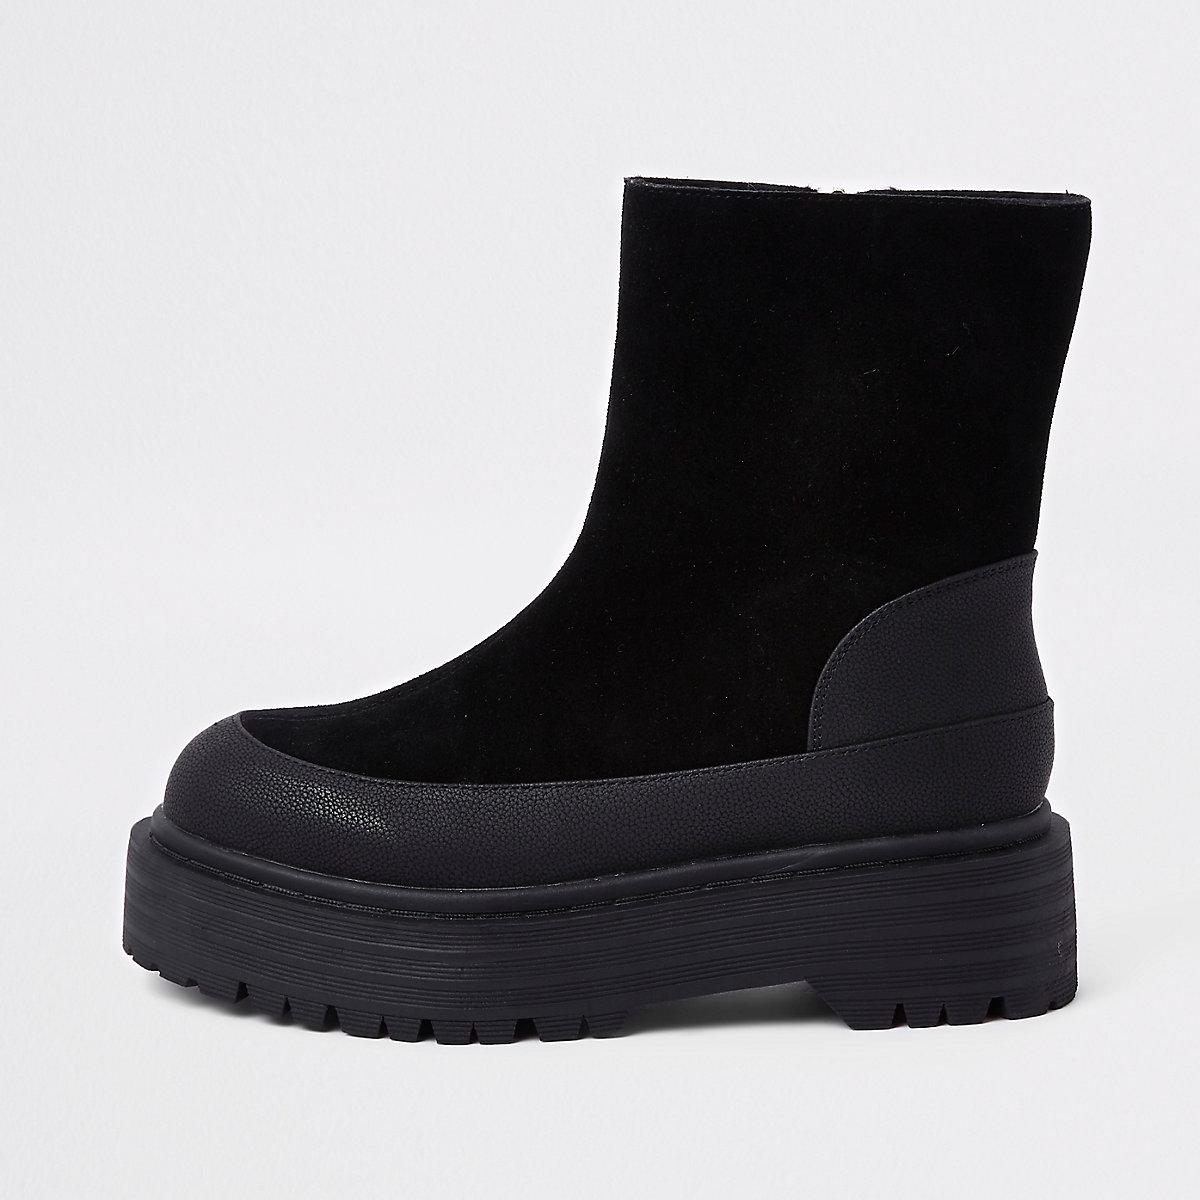 Zwarte suède laarzen met stevige zool